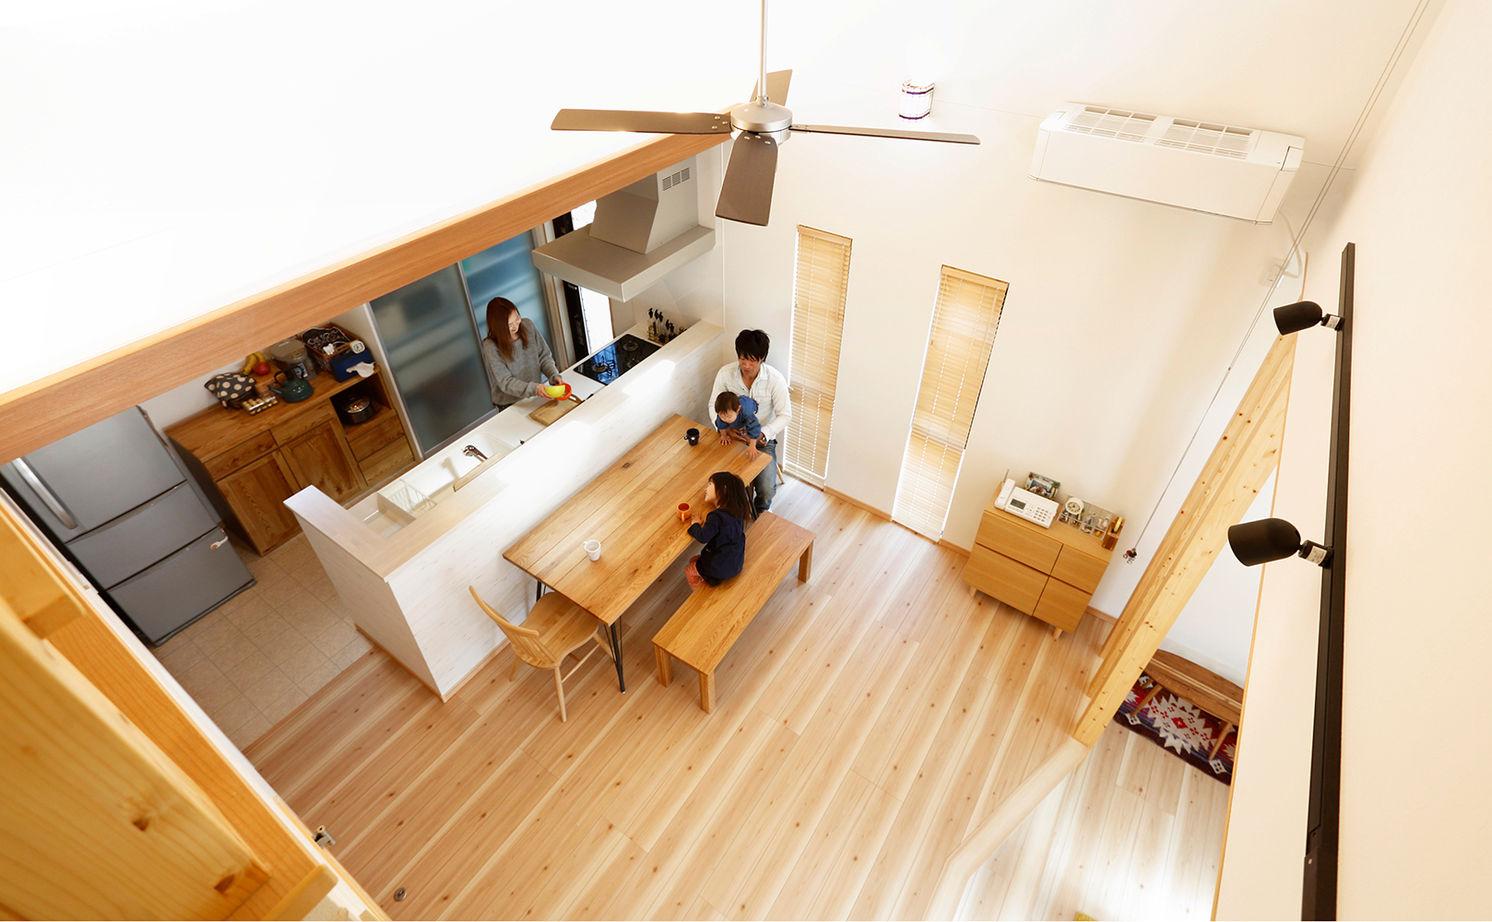 木の温もりあふれる自慢の平屋 立体的な空間設計で開放感も◎画像1